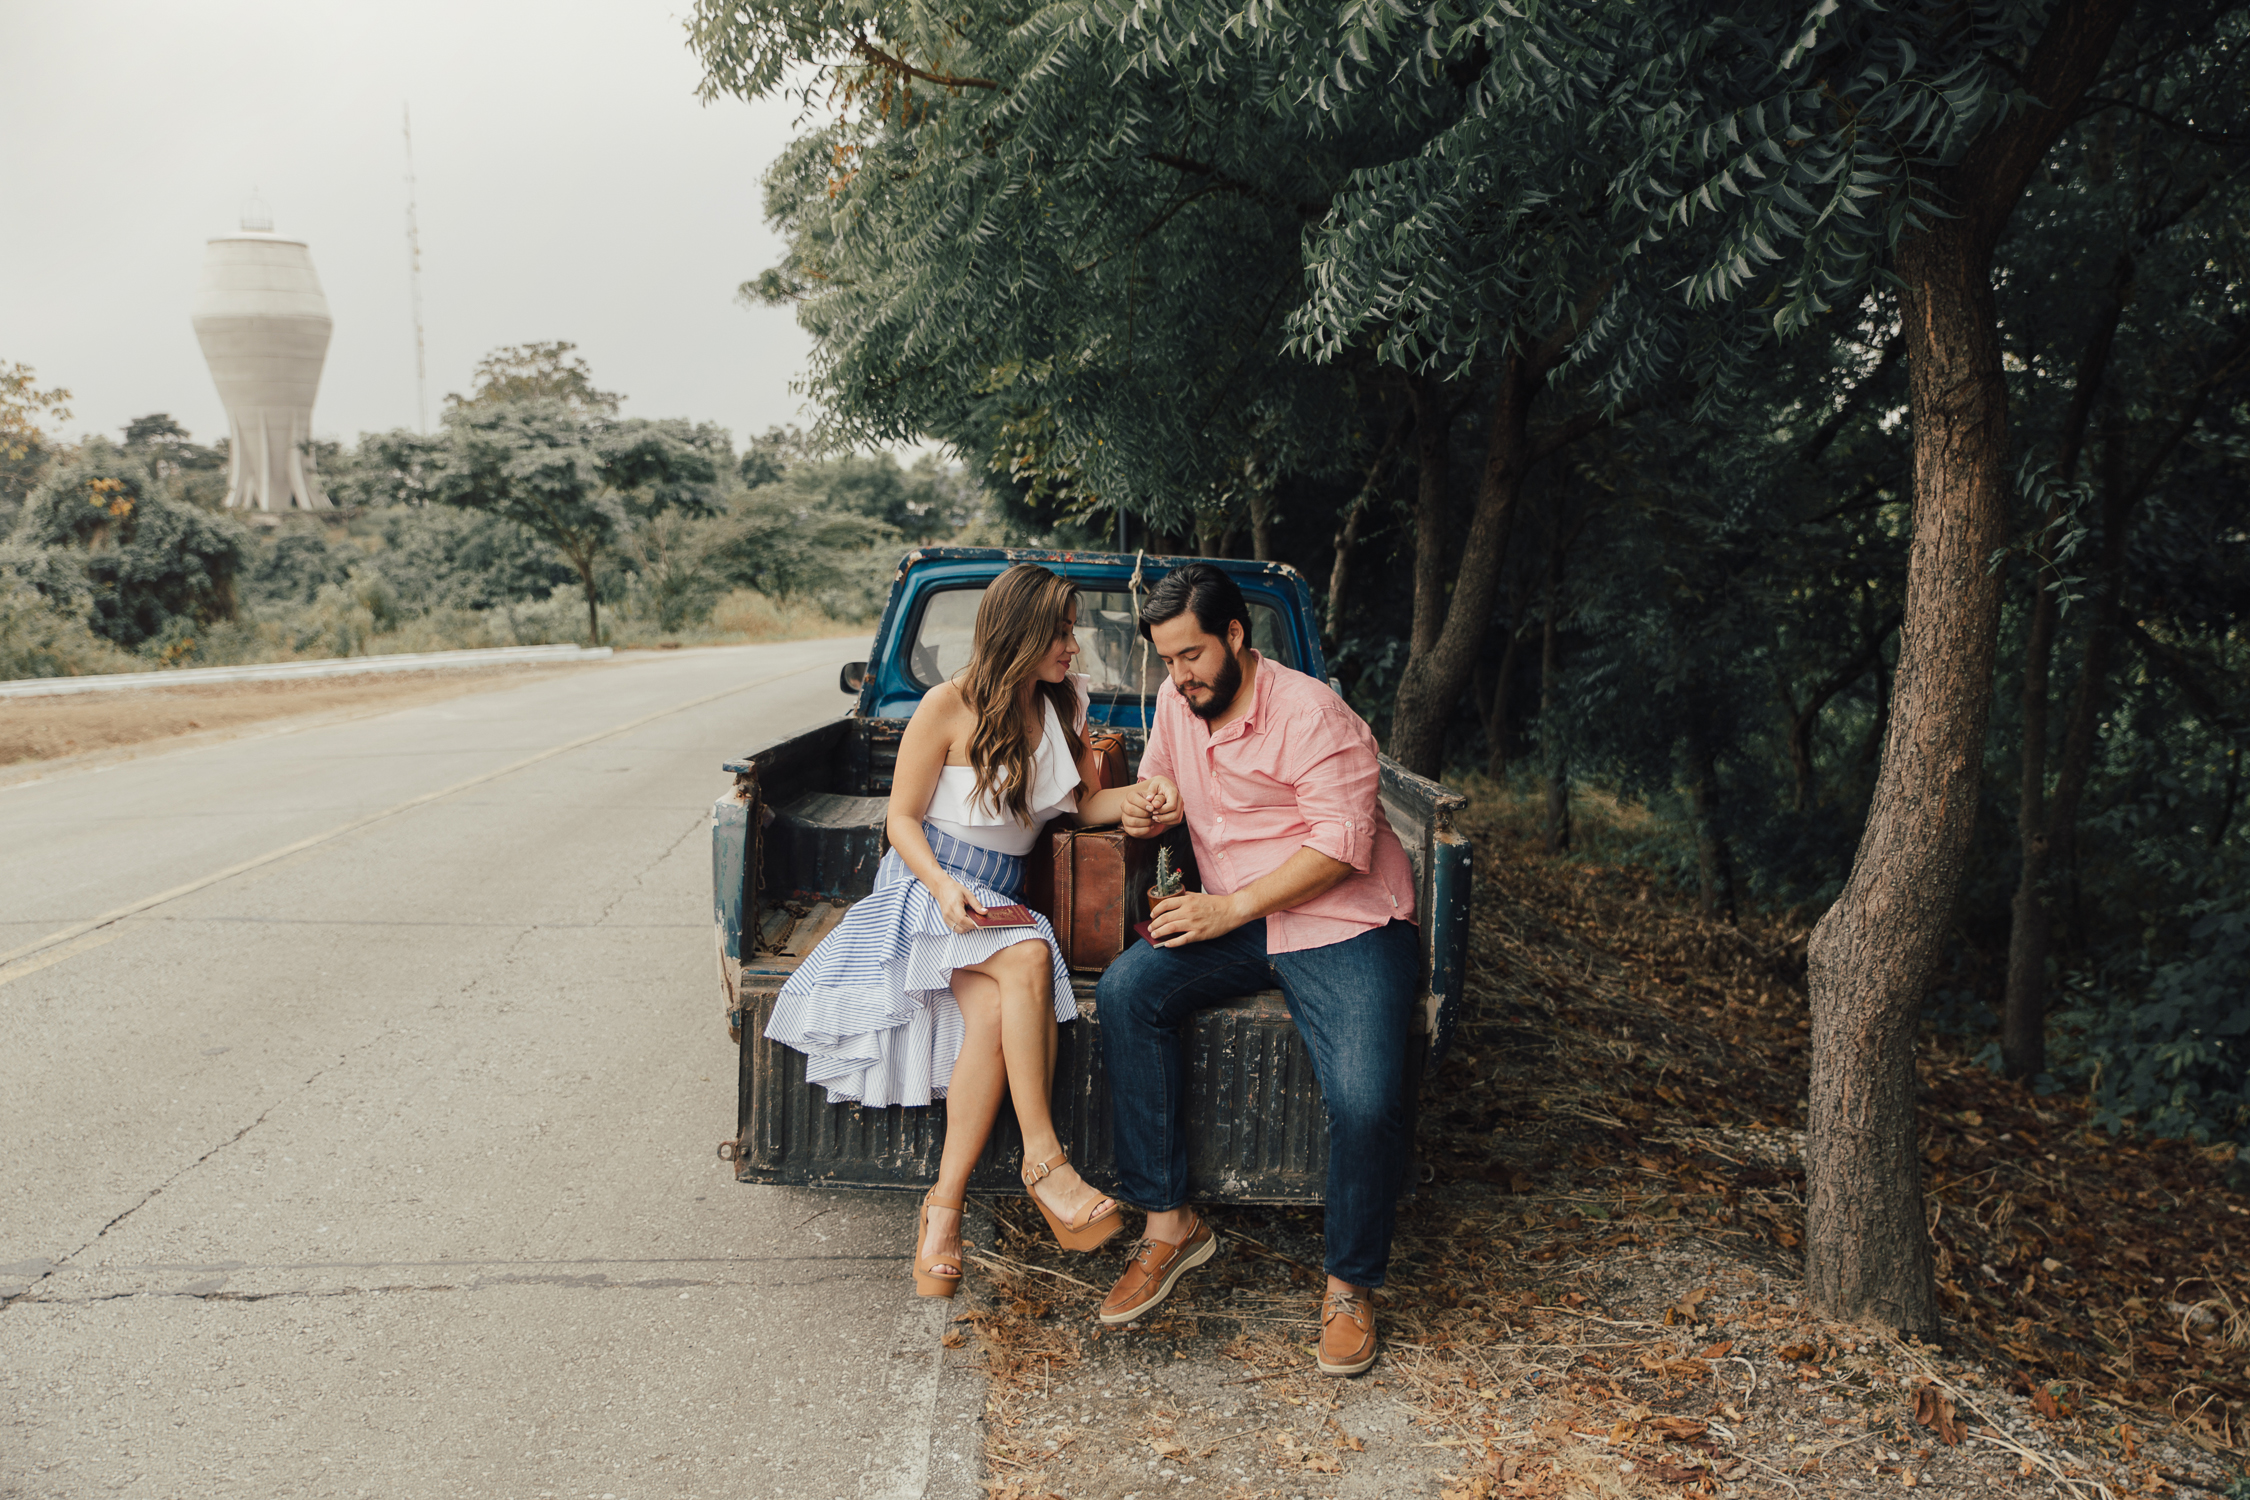 Michelle-Agurto-Fotografia-Bodas-Ecuador-Destination-Wedding-Photographer-Sesion-Maria-Gracia-Bonfy-70.JPG